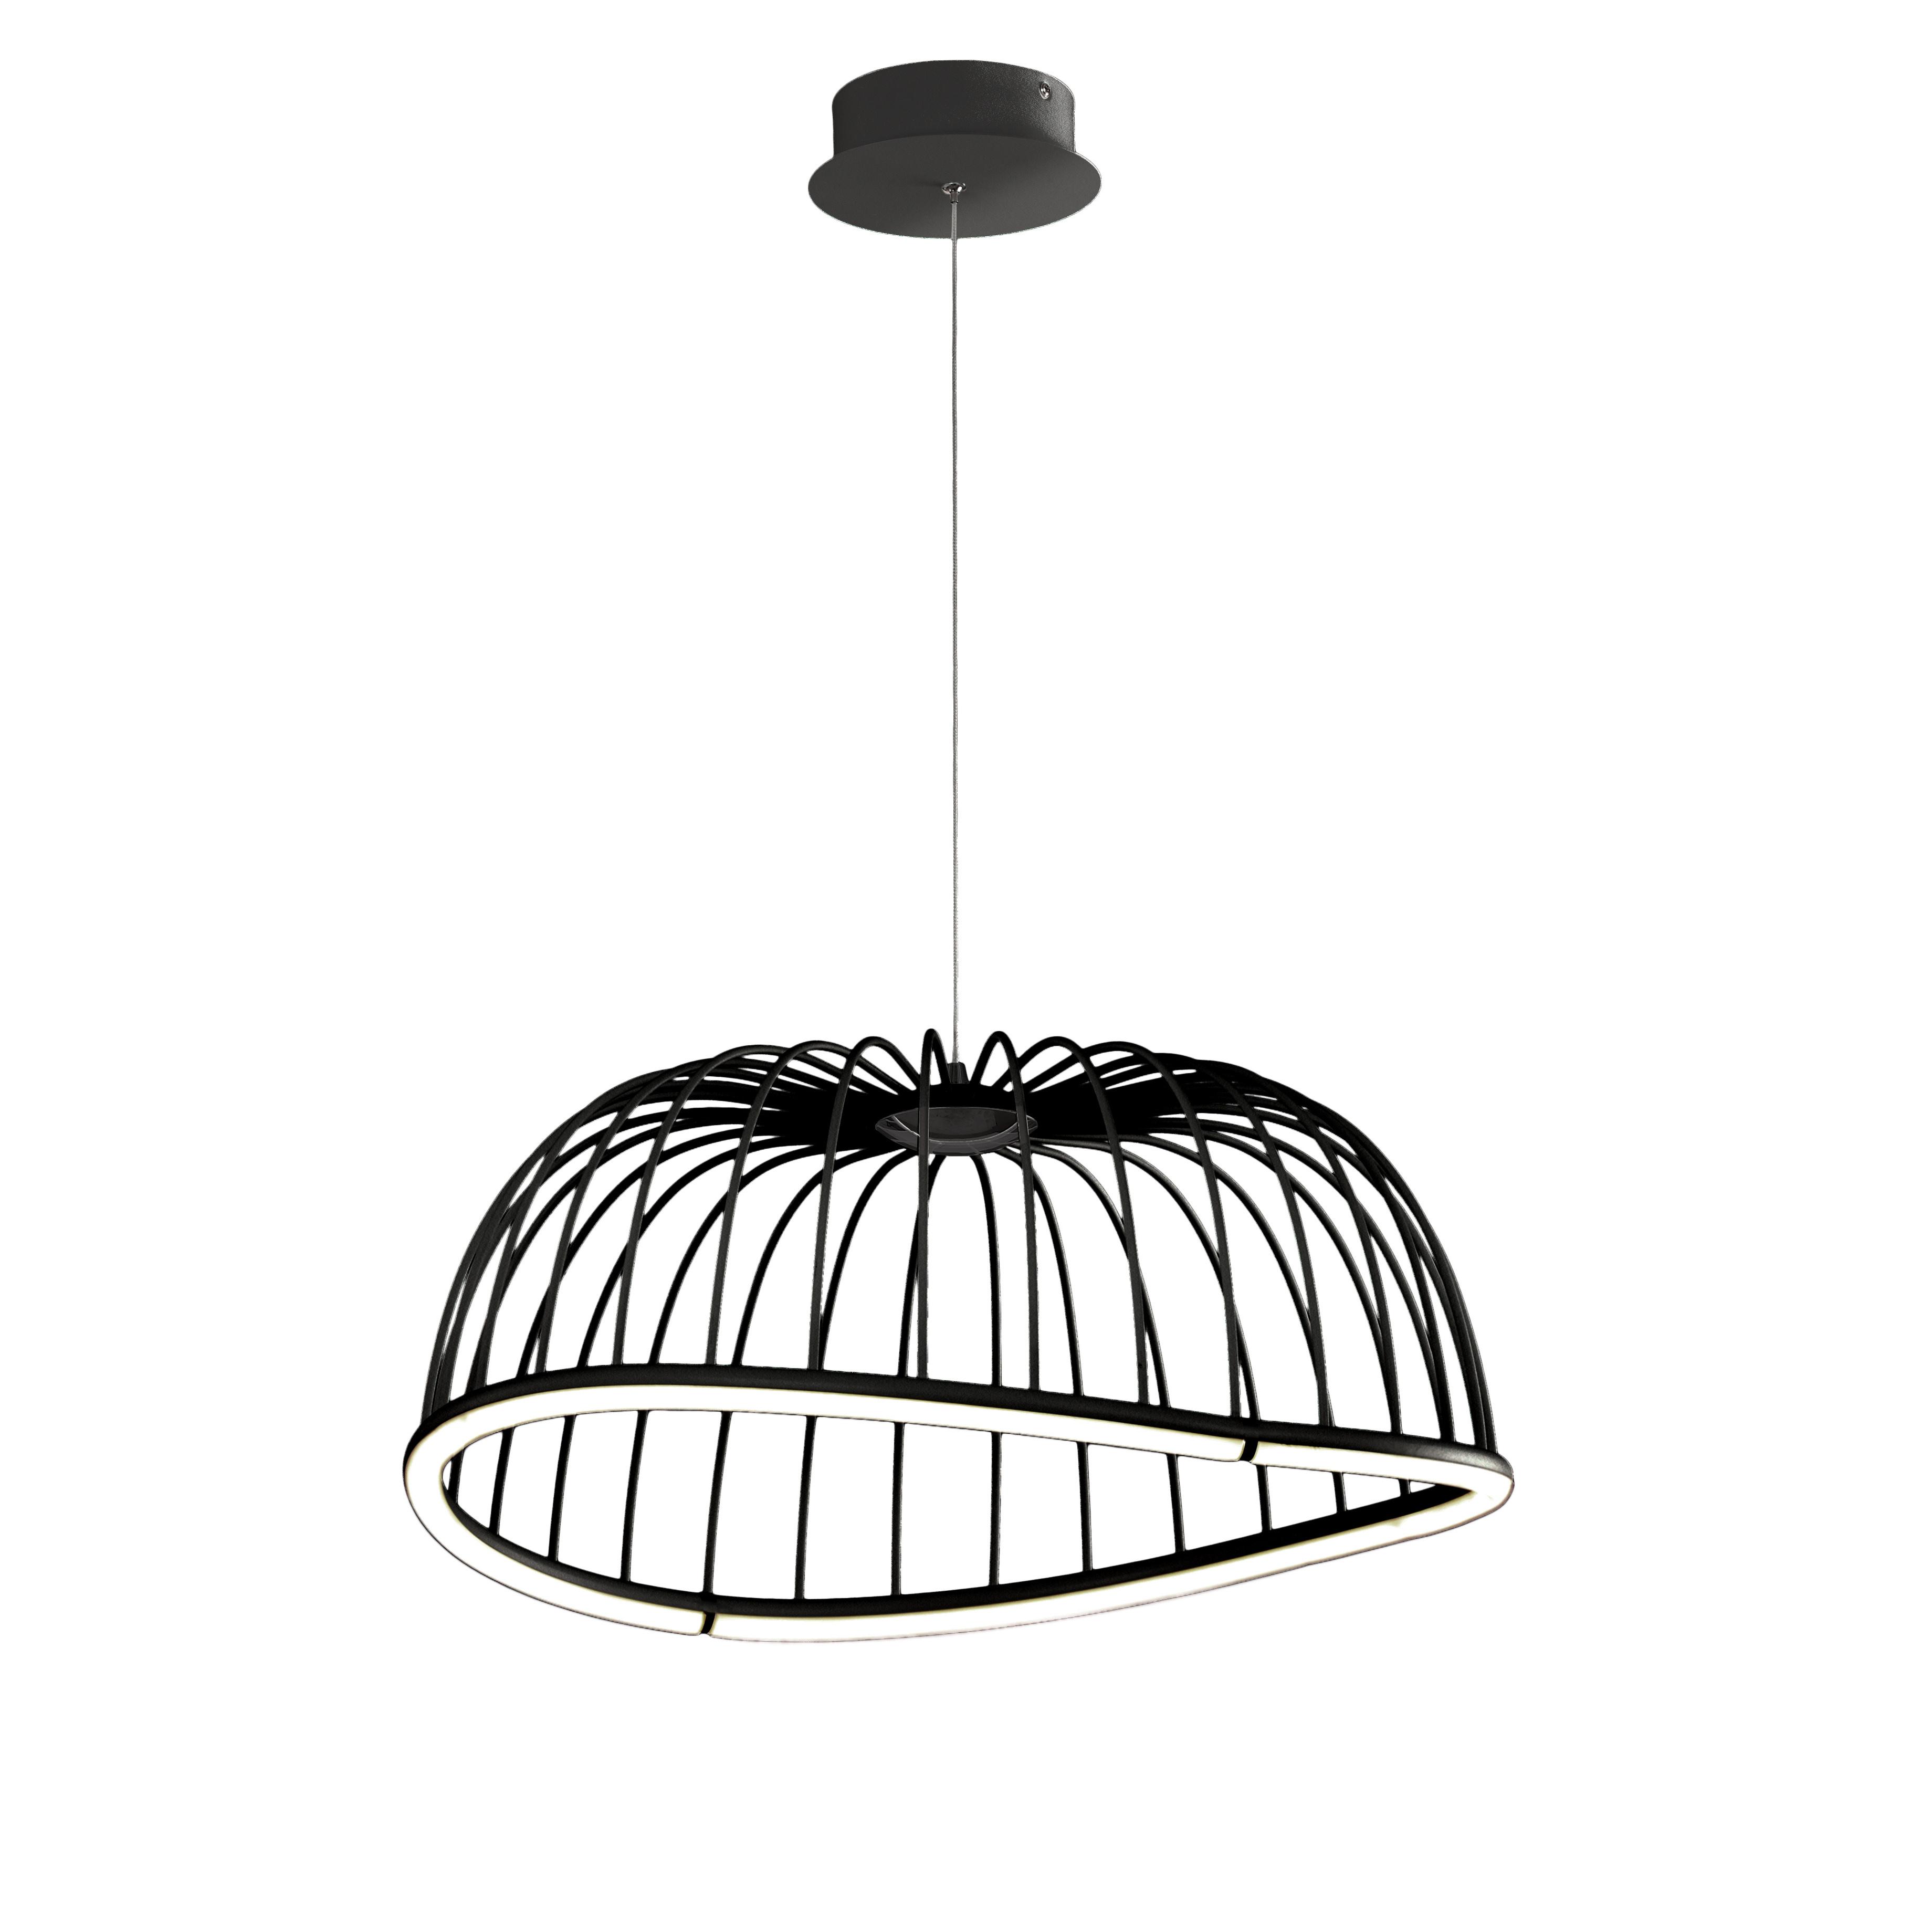 Подвесной светодиодный светильник Mantra Celeste 6684, LED 30W 3000K 2100lm, черный, металл - фото 1